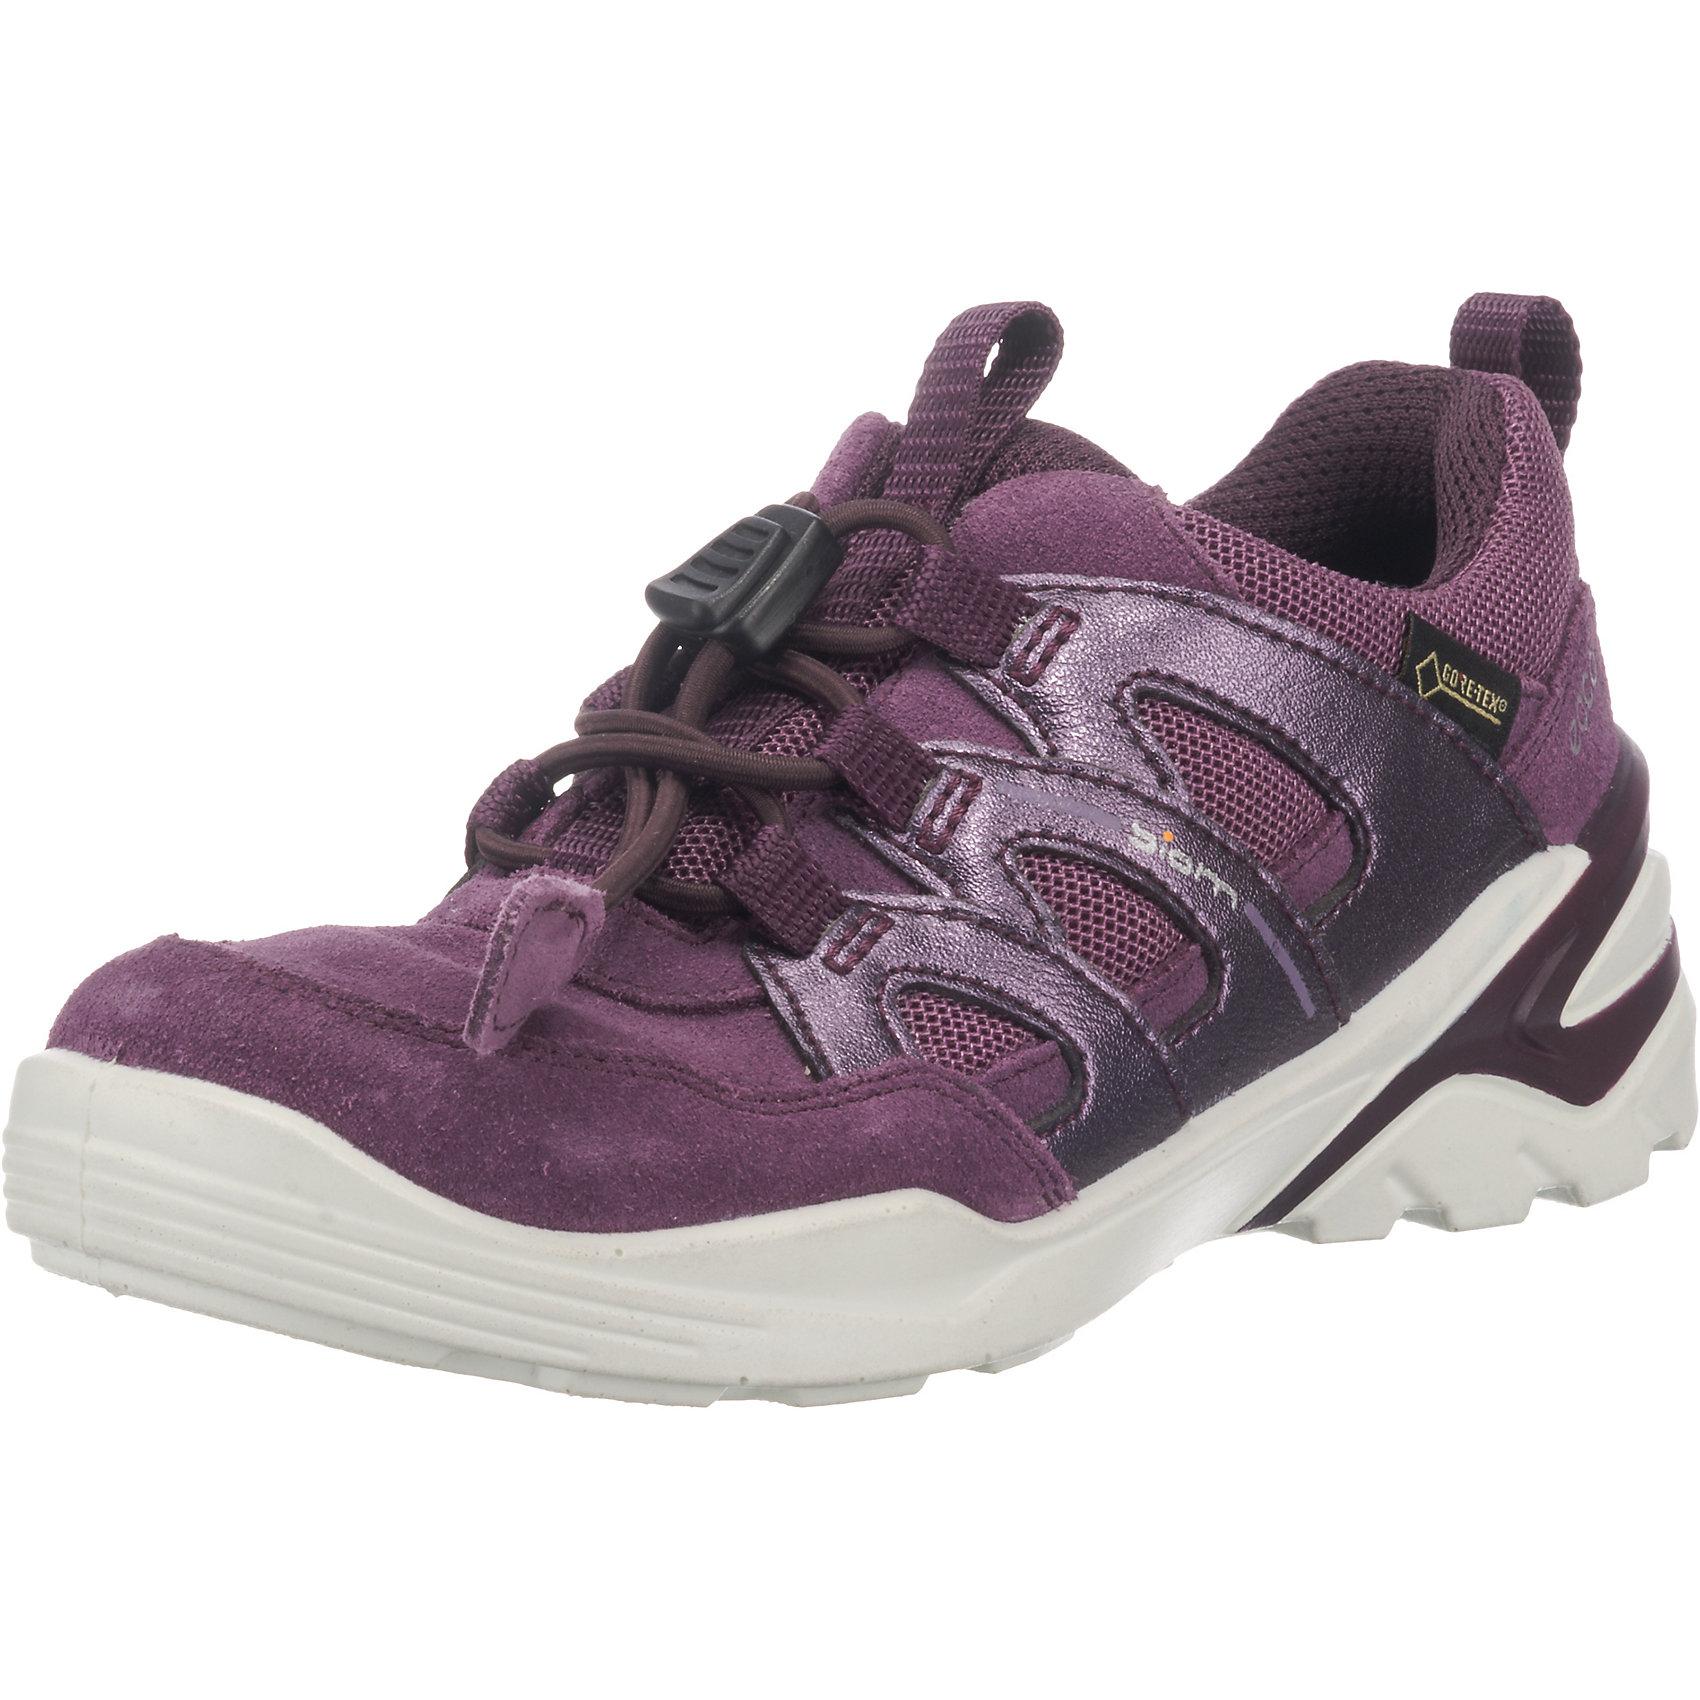 ECCO Schuhe Halbschuhe mit Gore TEX Gr. 33 Mädchen